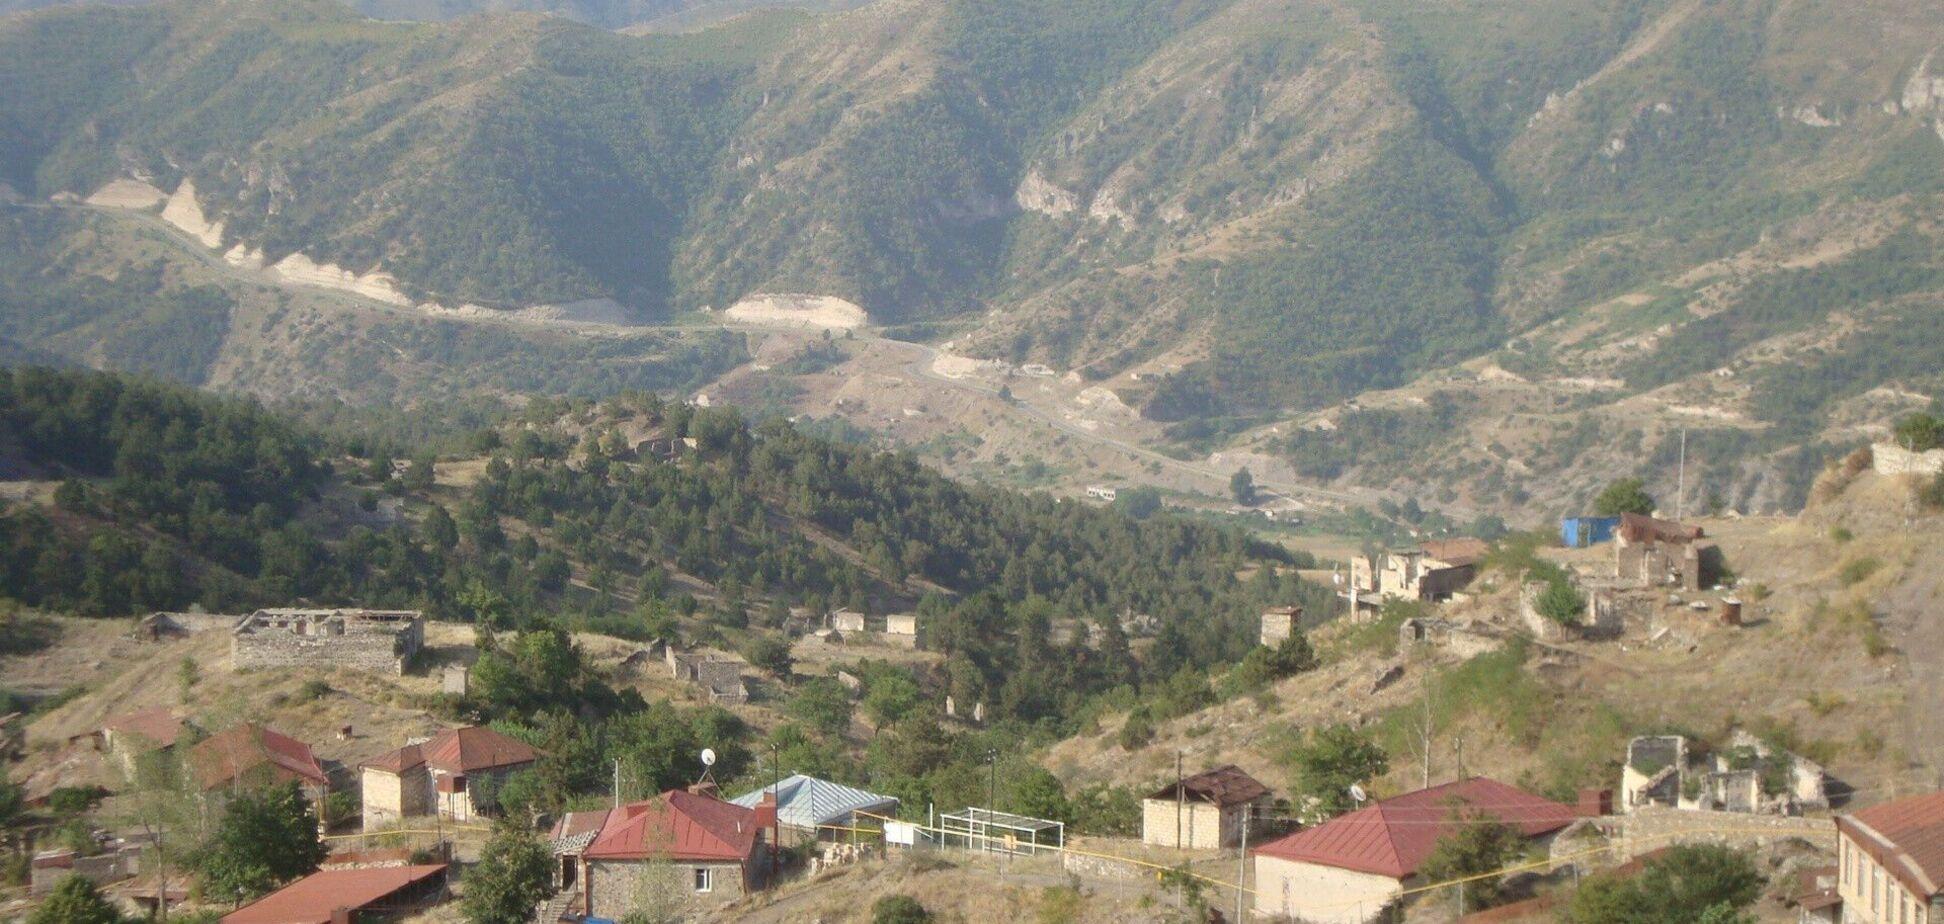 Москва хоче вилучити Карабах у Азербайджана